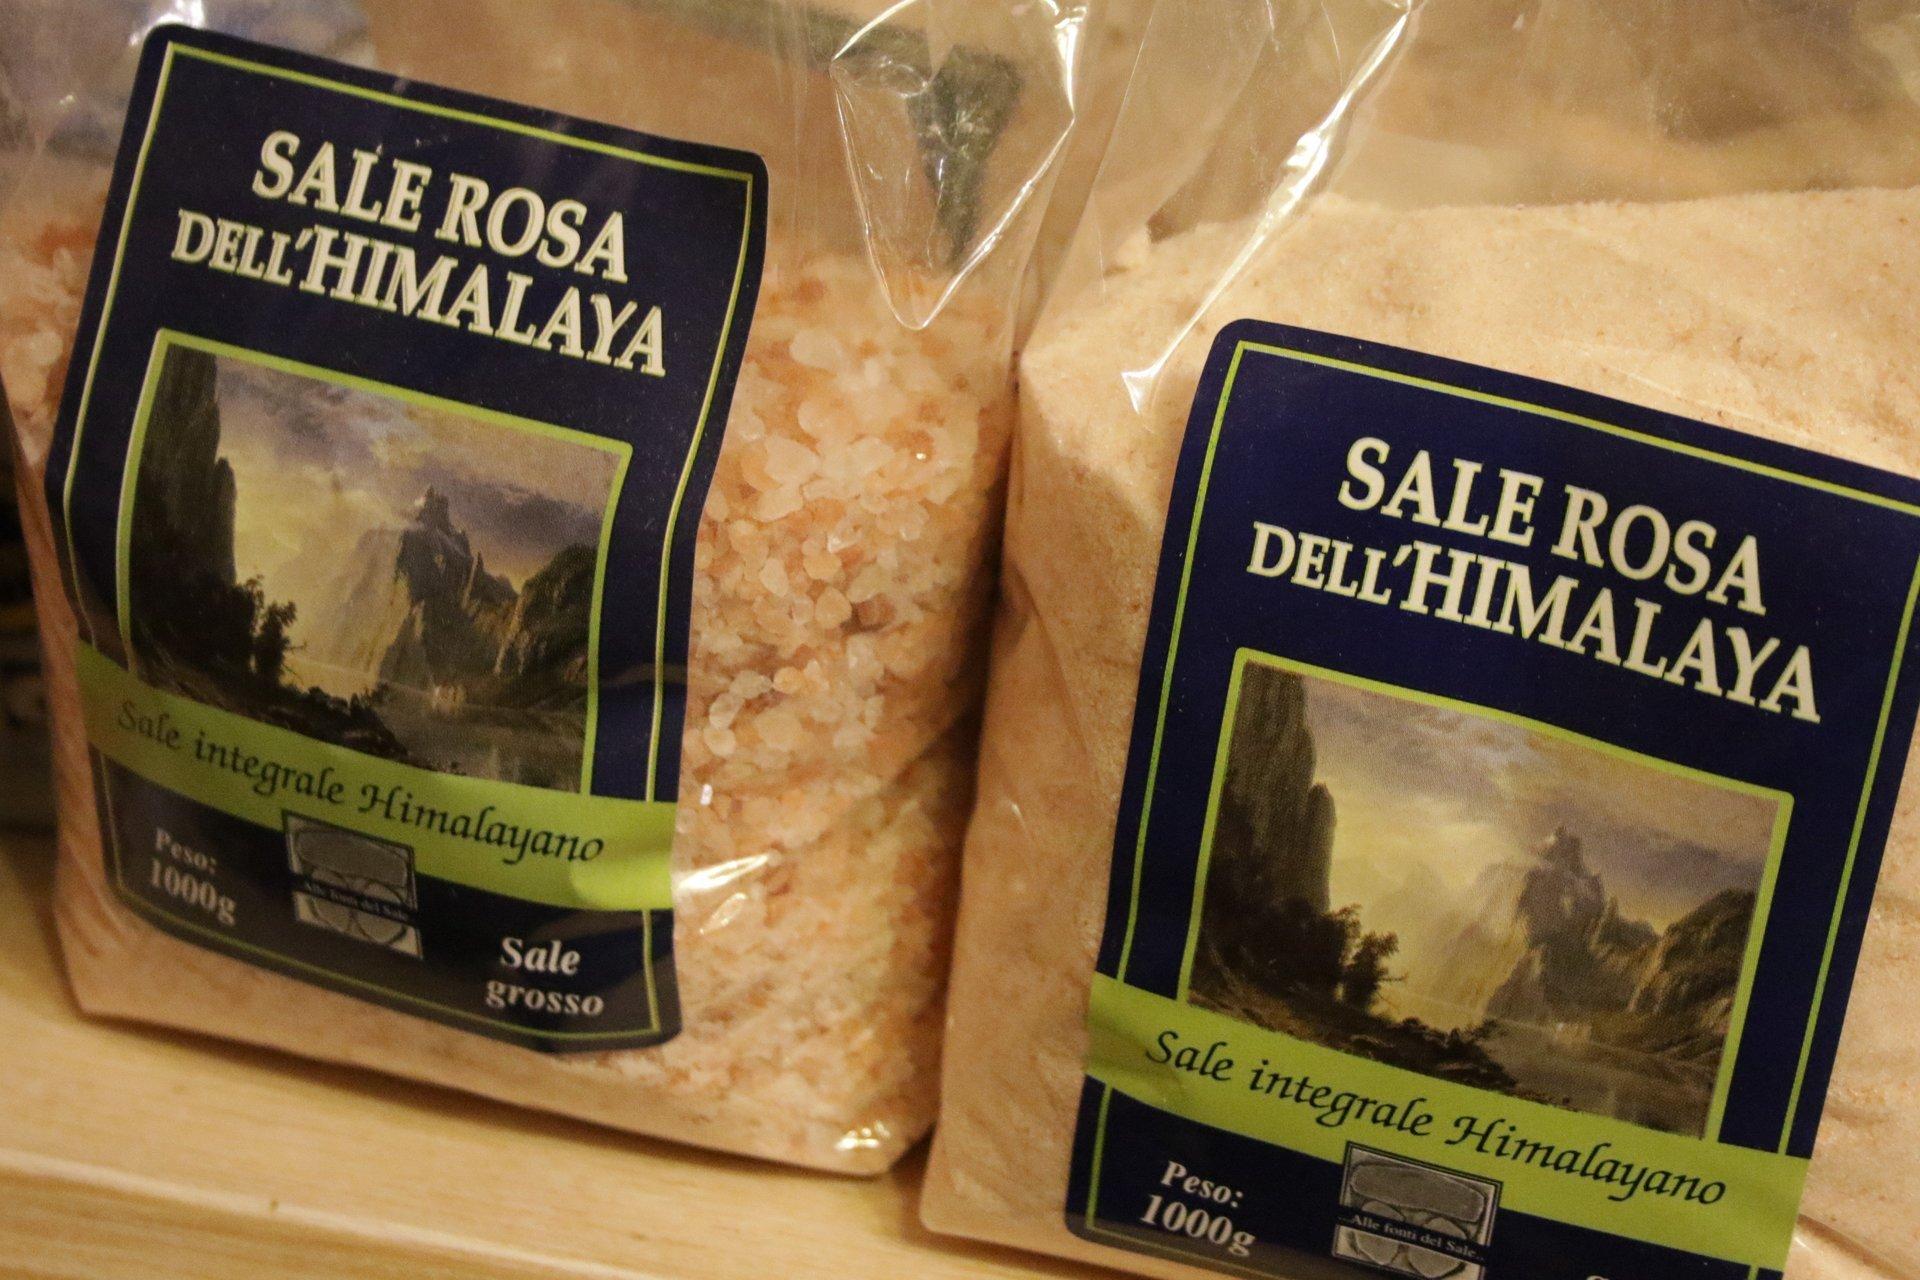 confezioni di sale rossa dell' Himalaya